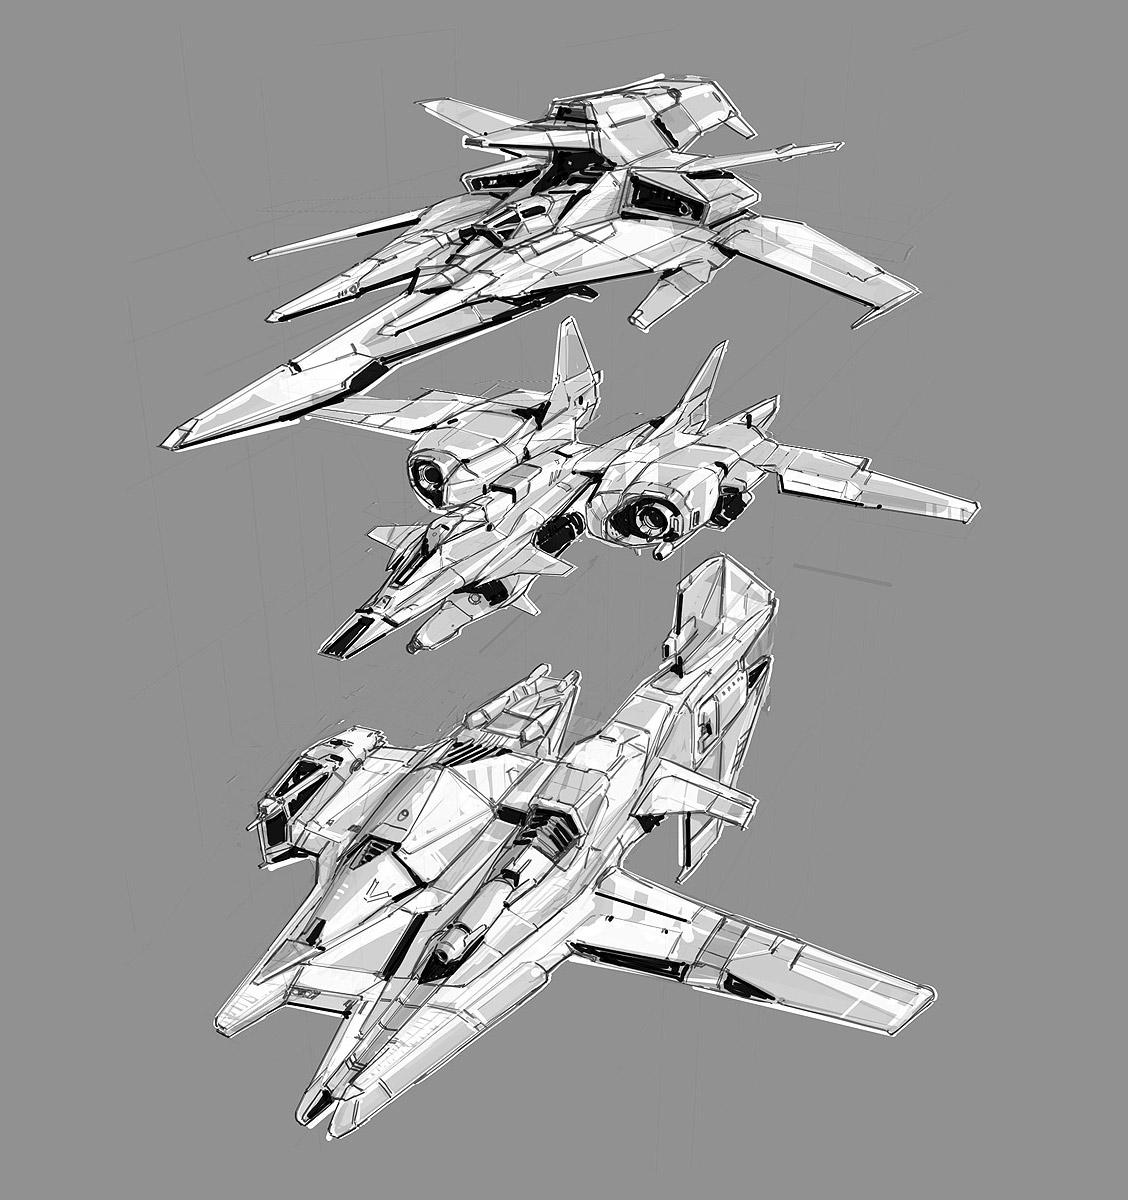 Futuristic Spaceships Blueprint